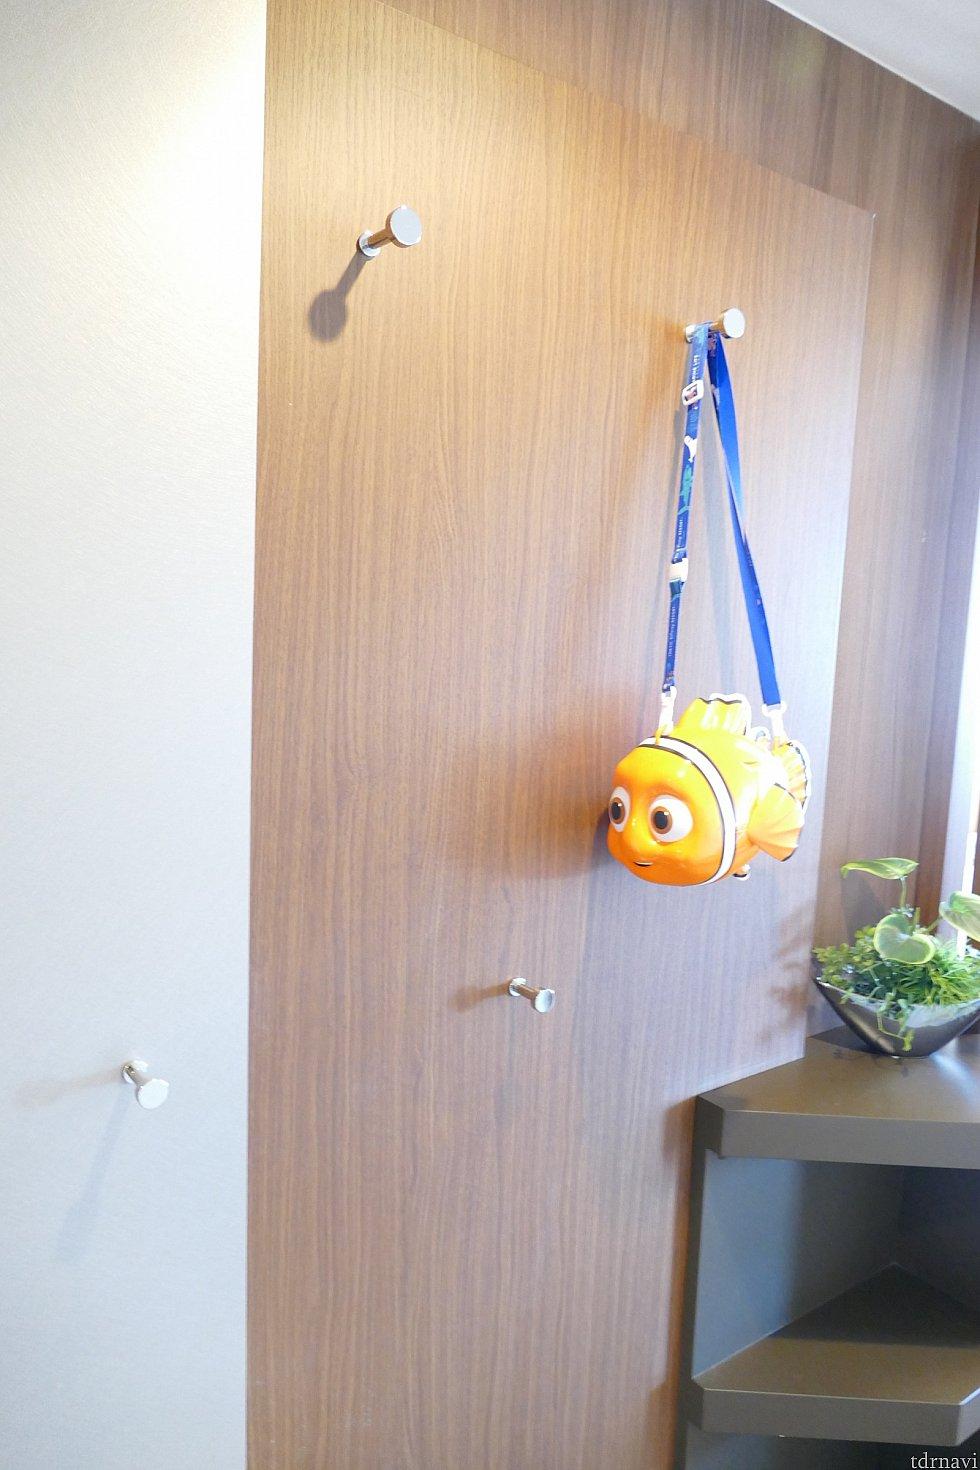 部屋を入ってすぐの壁<br> フックたくさん<br> 荷物ガンガン掛けれます